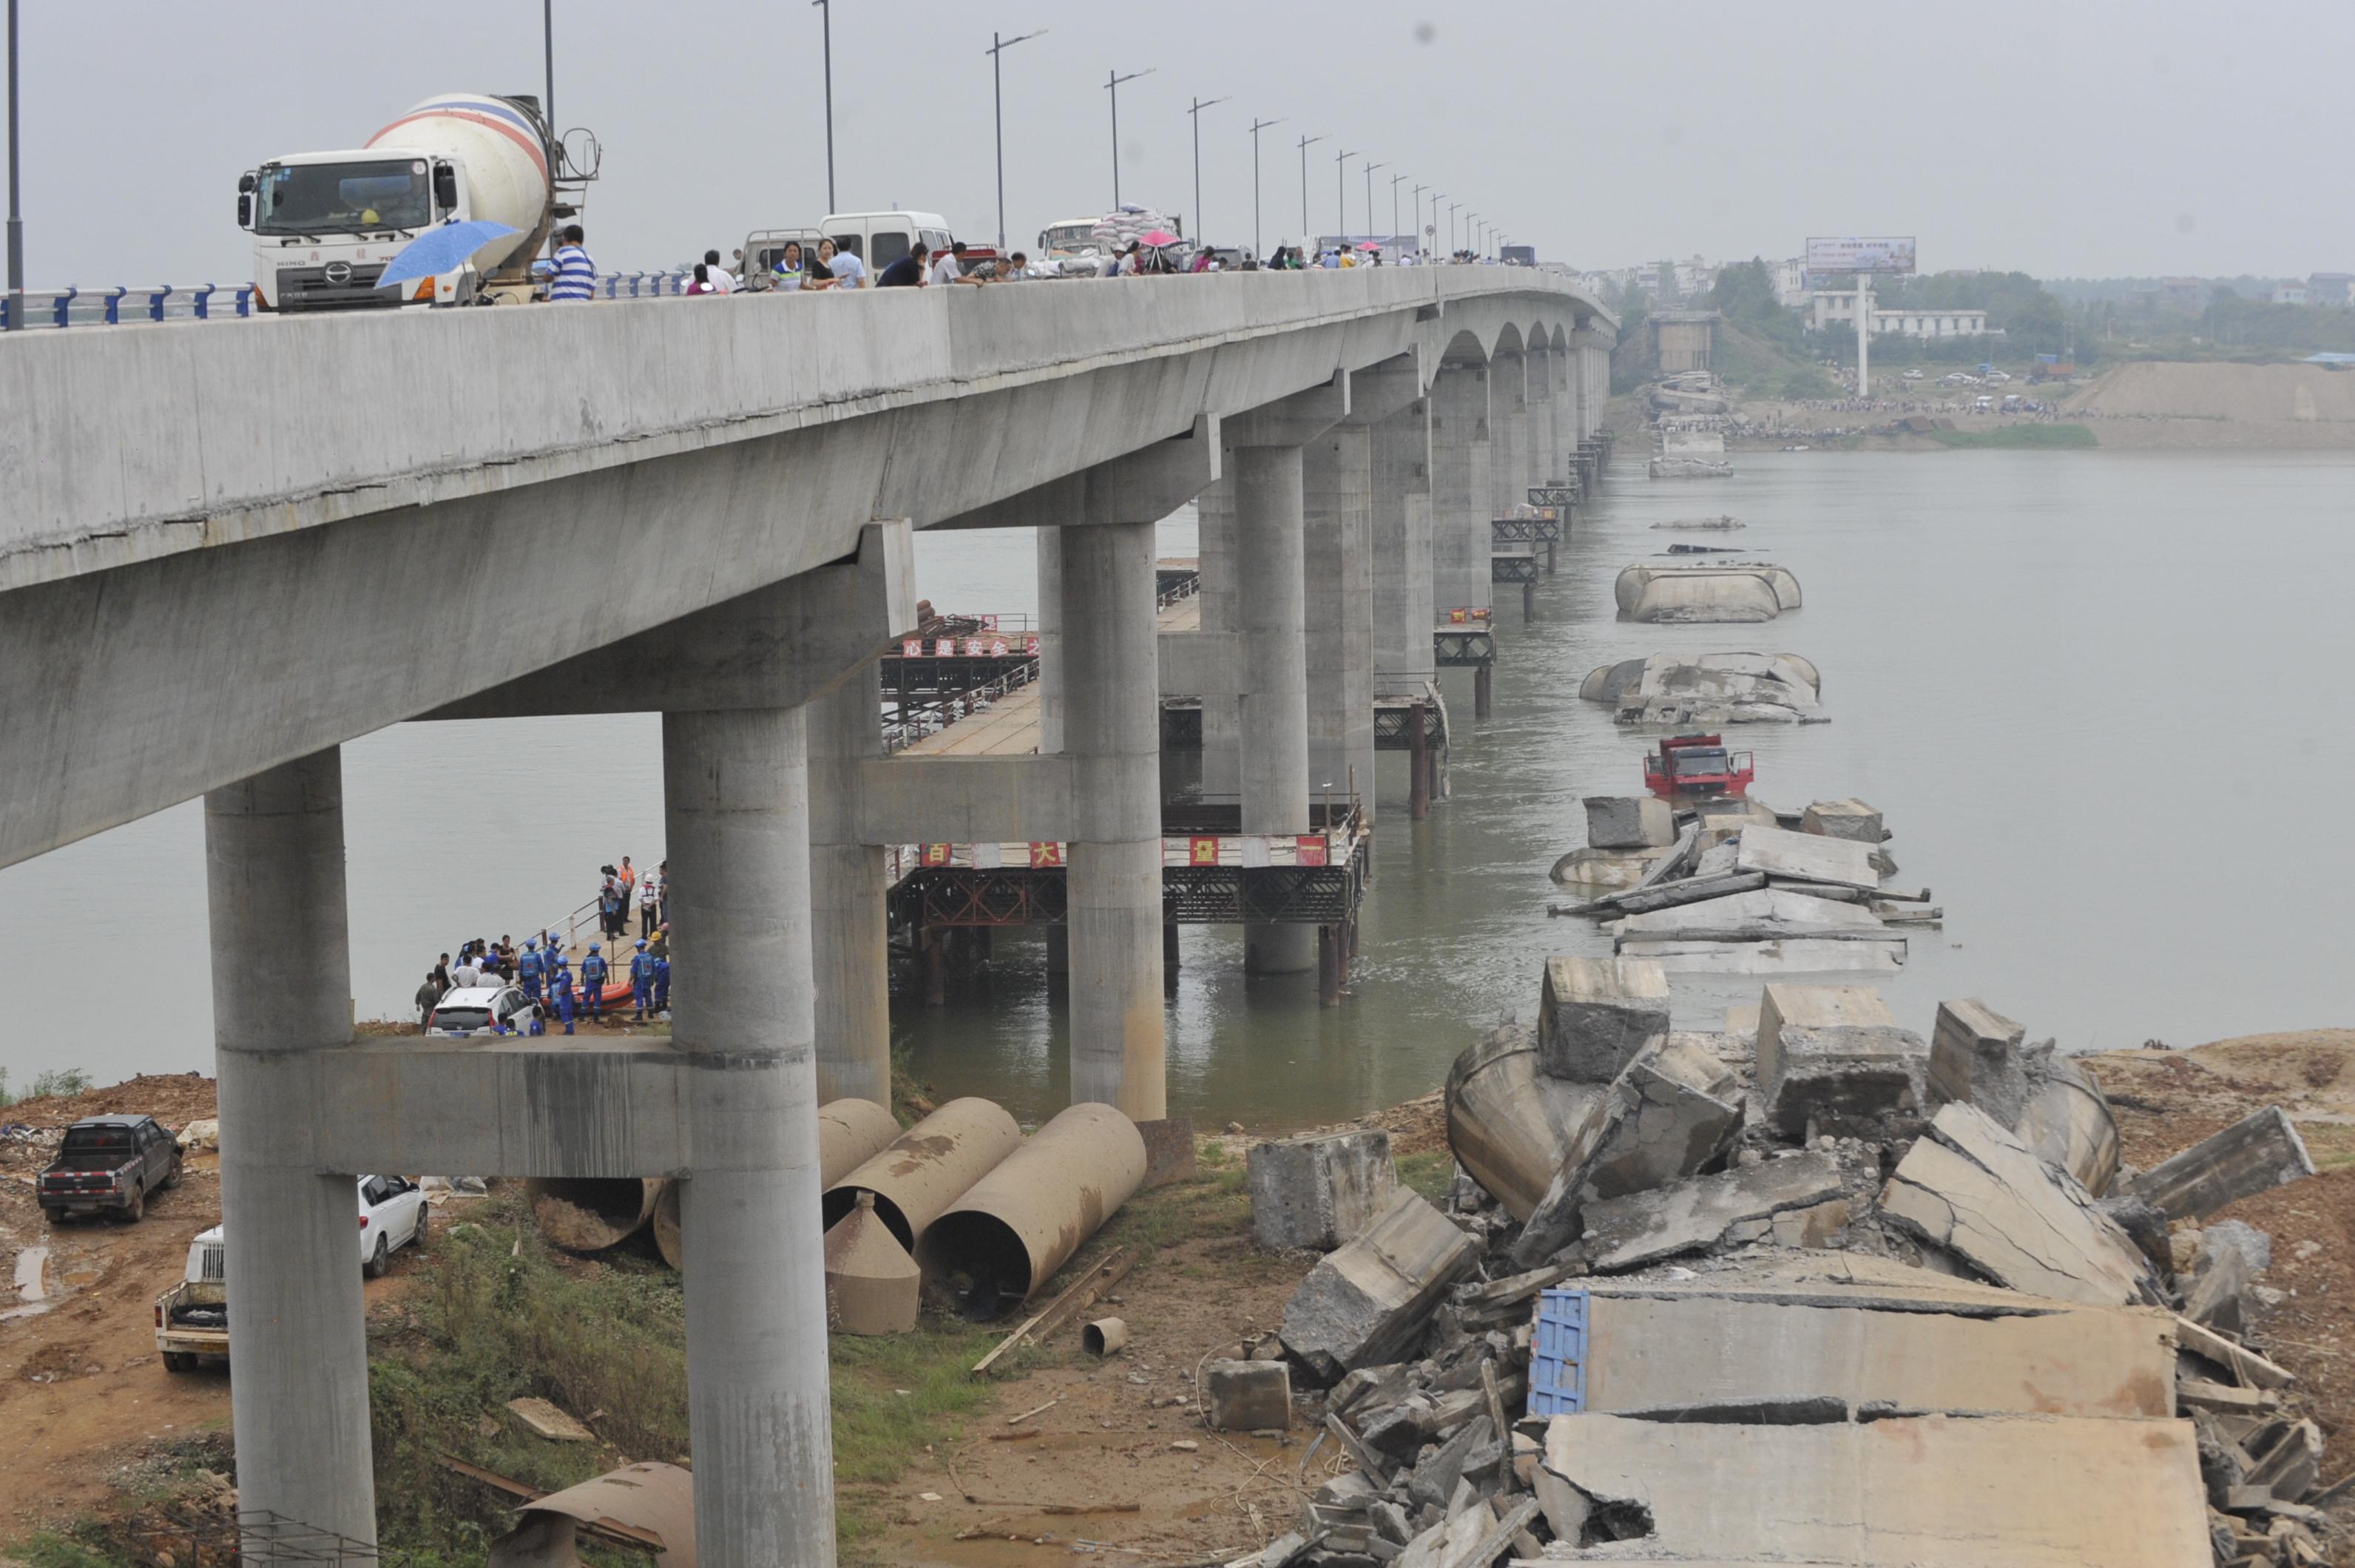 桥体坍塌事故现场(9月11日摄)。新华社记者 胡晨欢 摄。